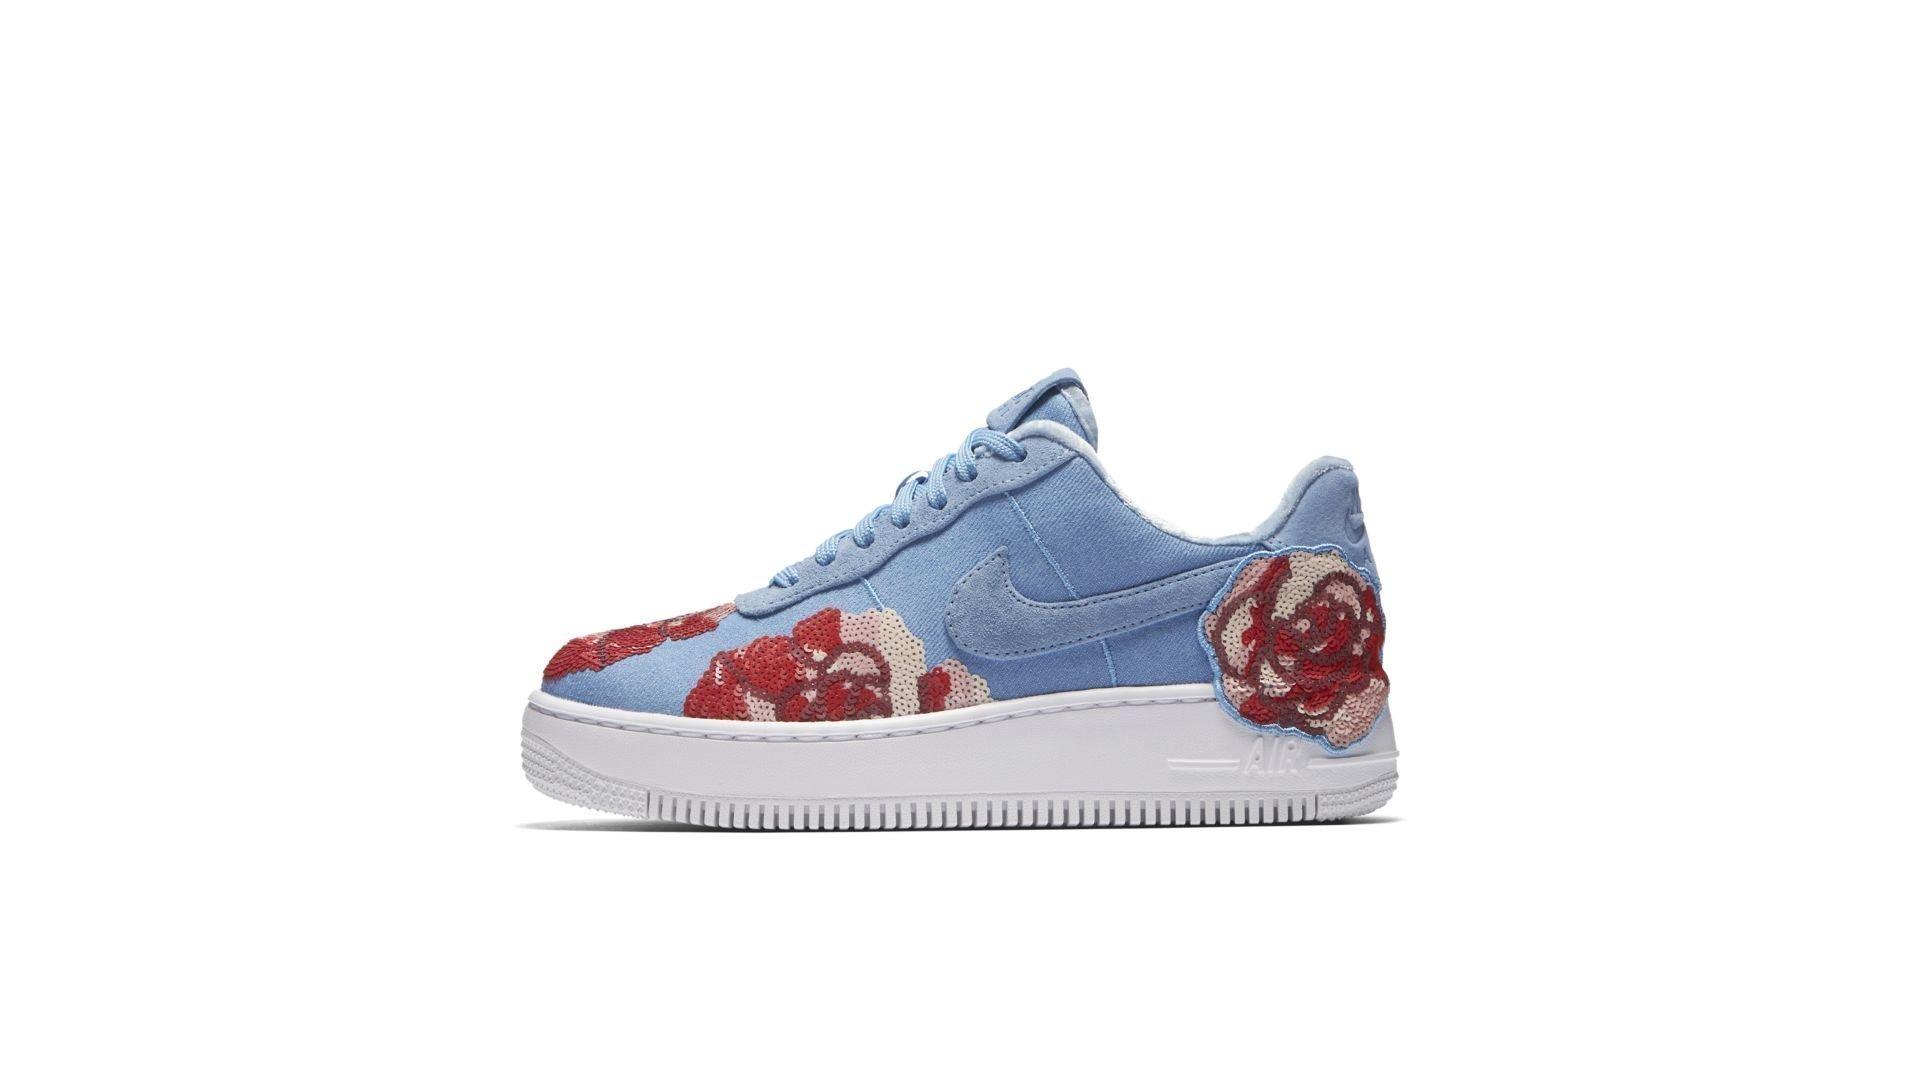 Nike Air Force 1 Upstep Low Denim Rose Sky (W) (898421-402)